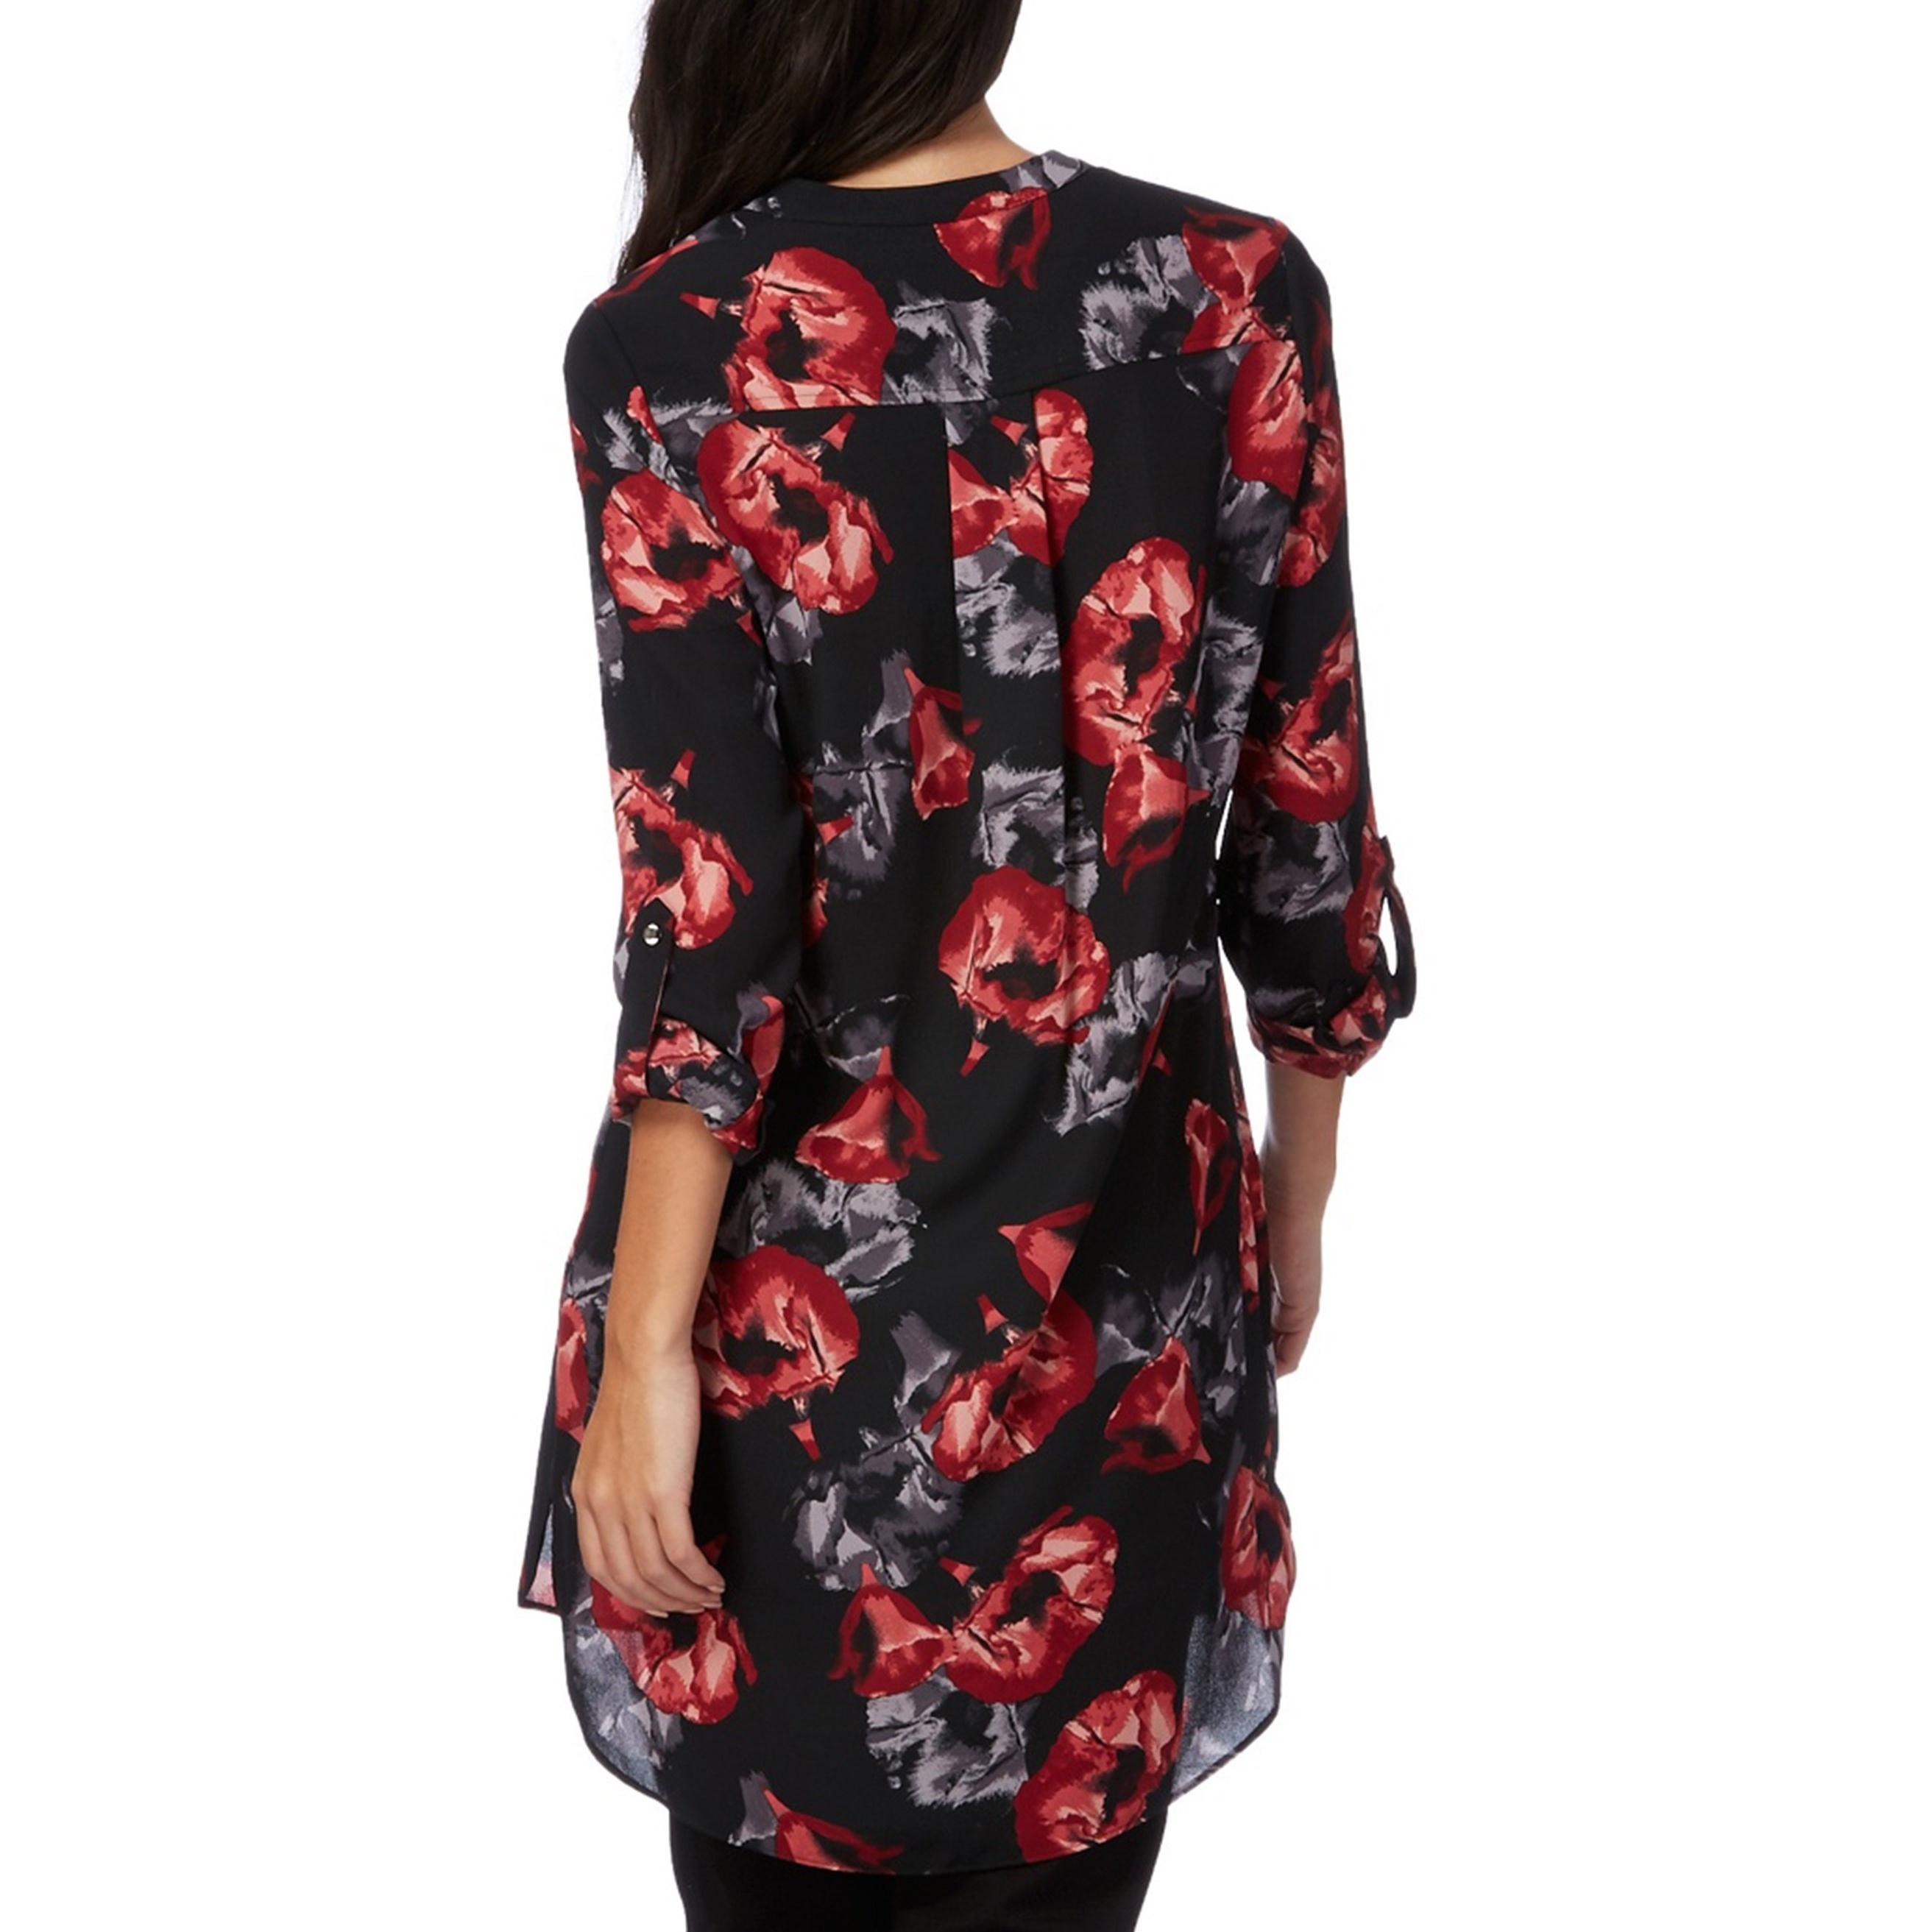 شومیز آستین بلند زنانه - کالکشن - مشکي - 2